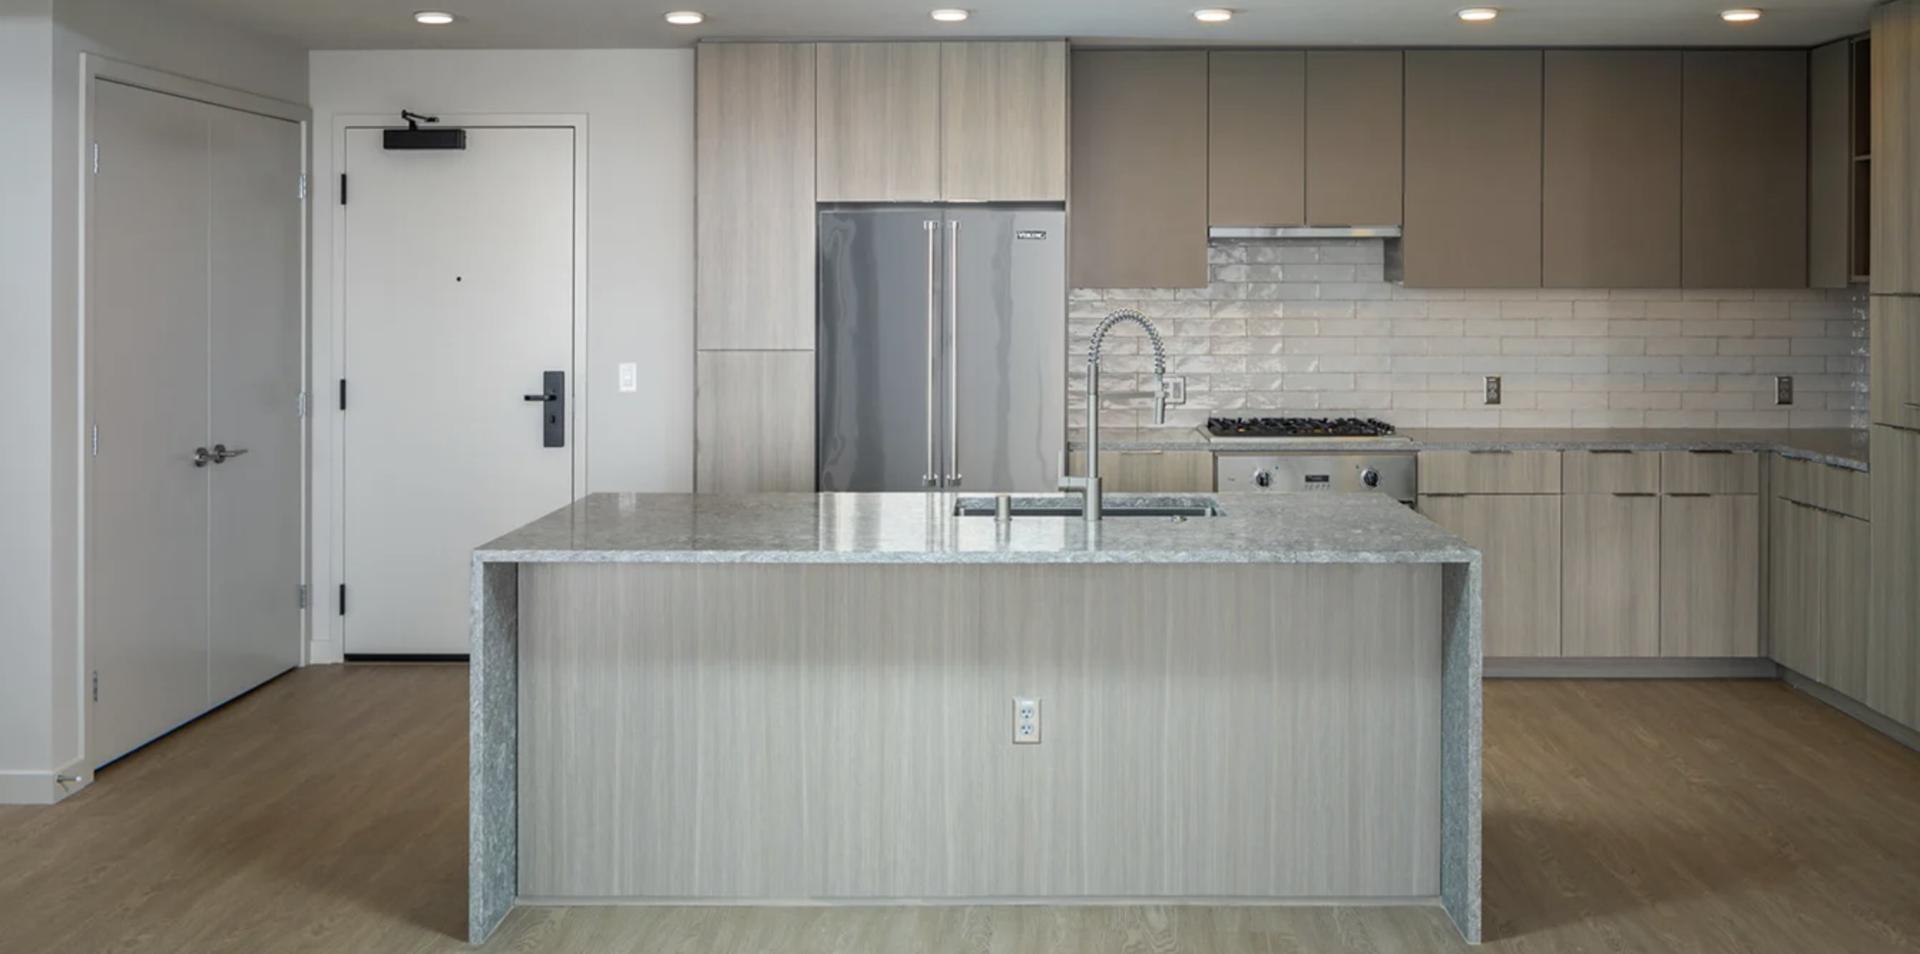 601 11th Avenue #3015, San Diego, CA - $4,985 USD/ month